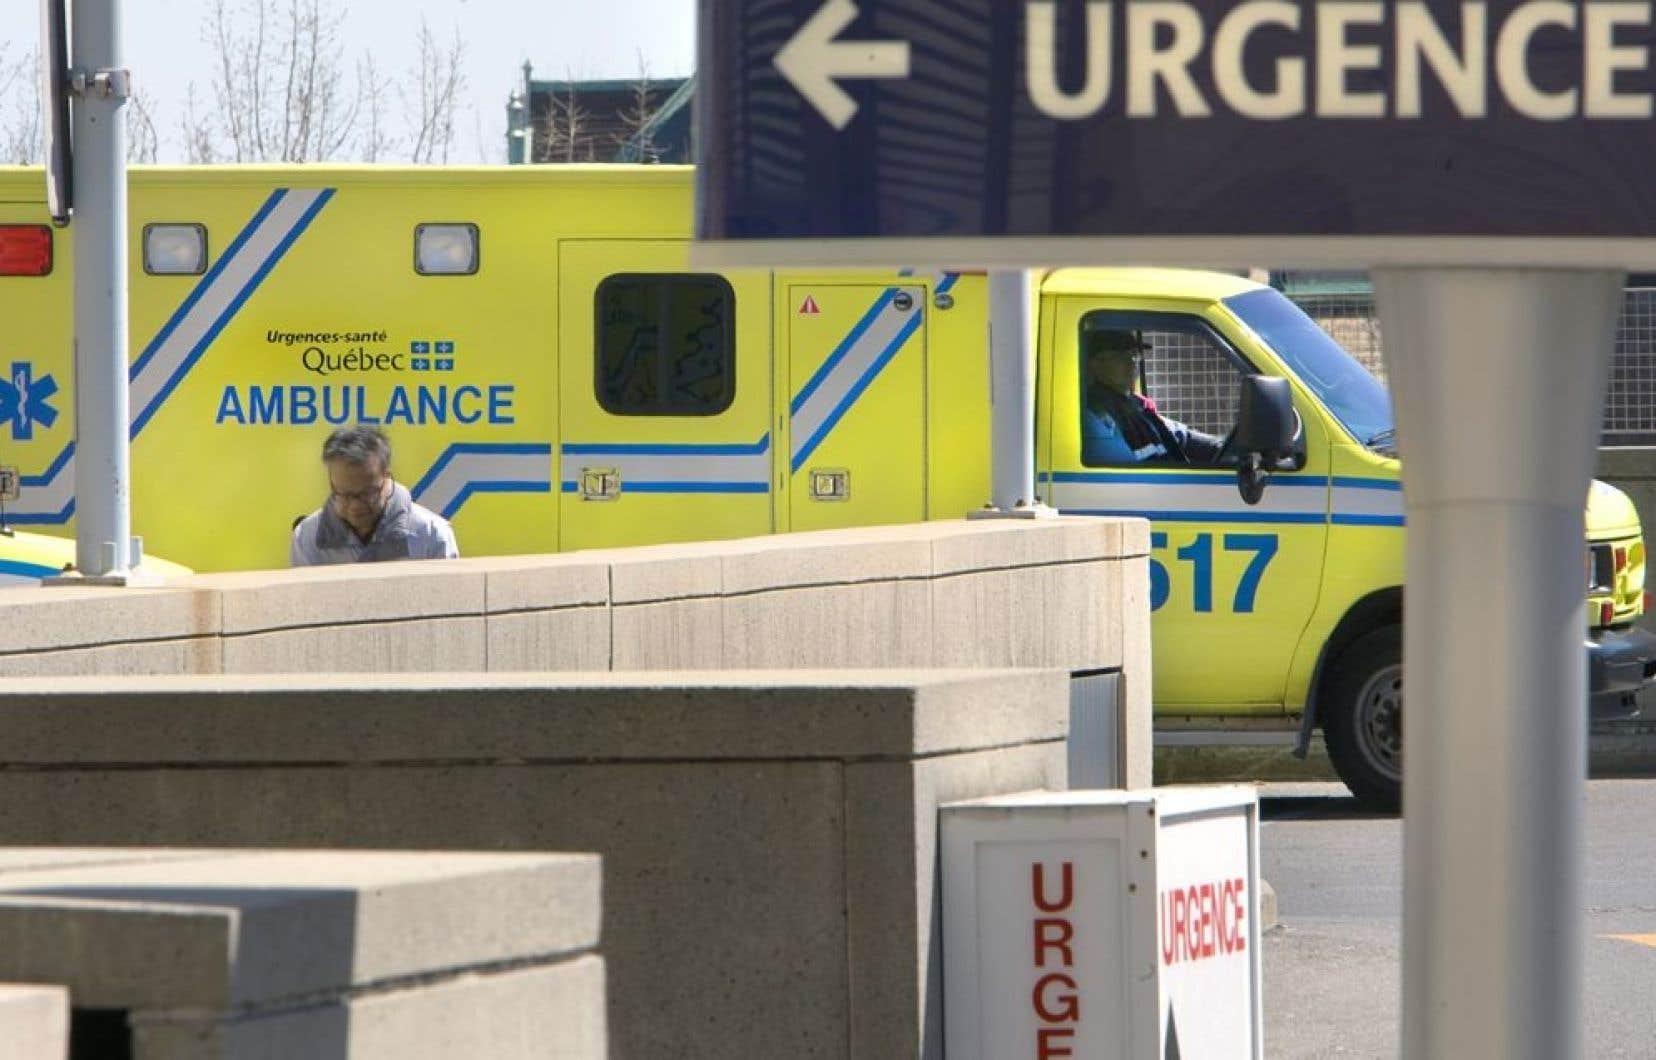 Chaque année, les hôpitaux montréalais conjuguent avec un fort achalandage au cours de la périodes des Fêtes, mais cette année, ce volume important se maintient.